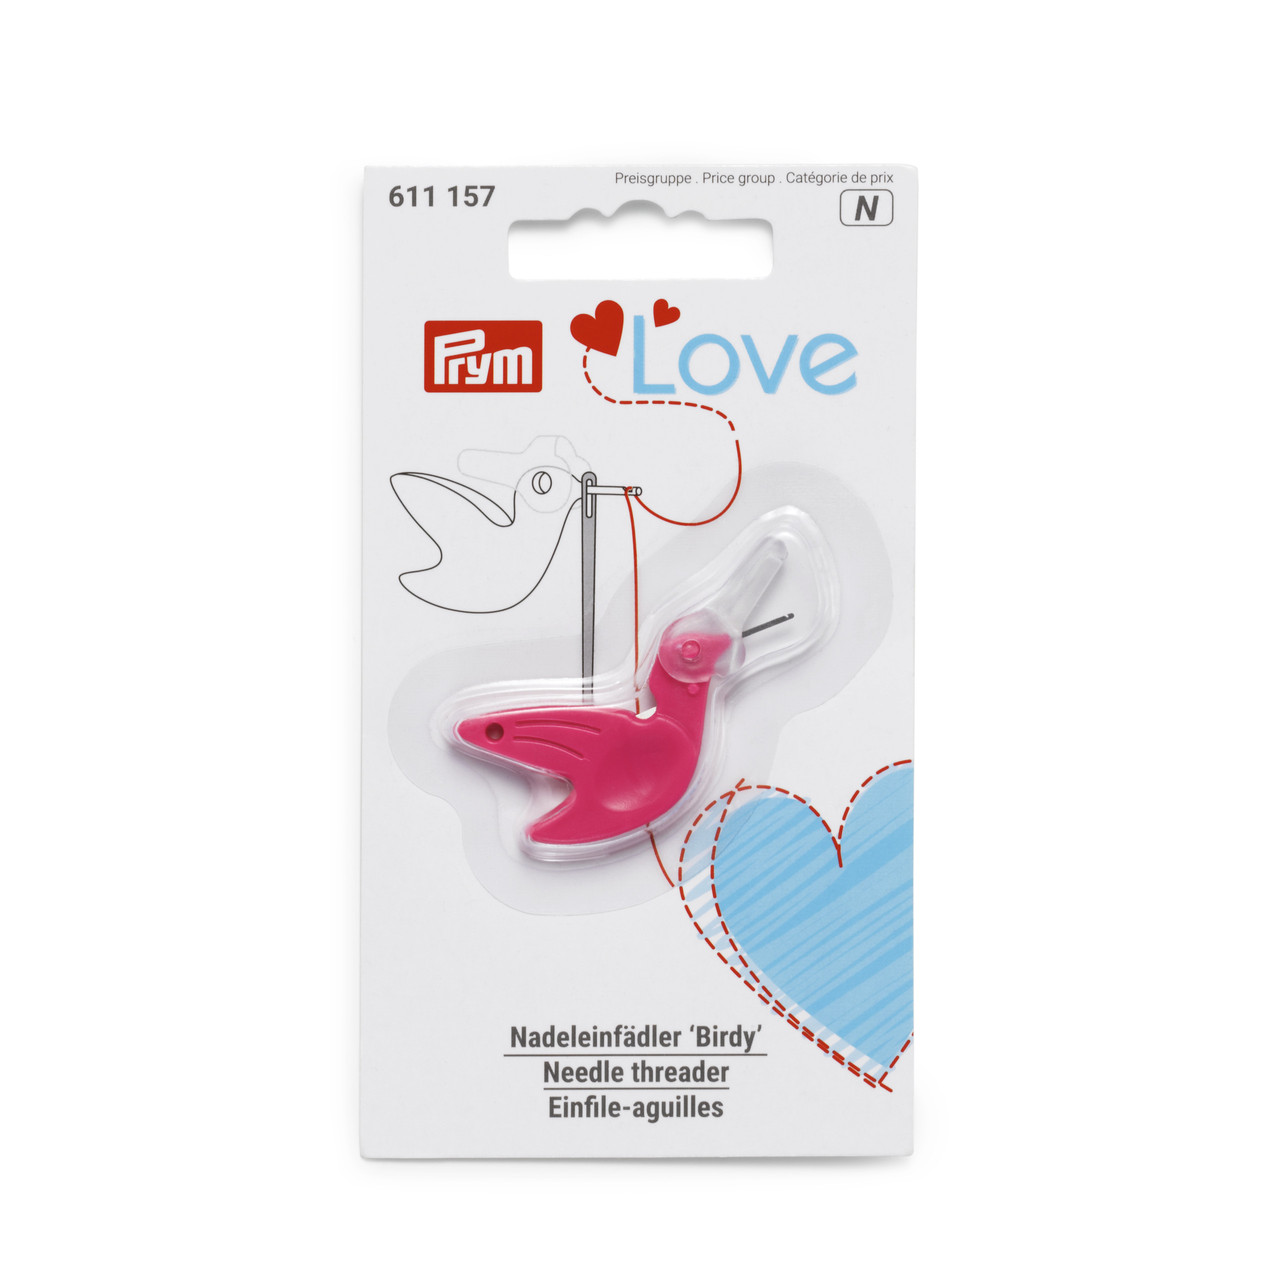 Нитевдеватель 'Birdy' Prym Love 611157